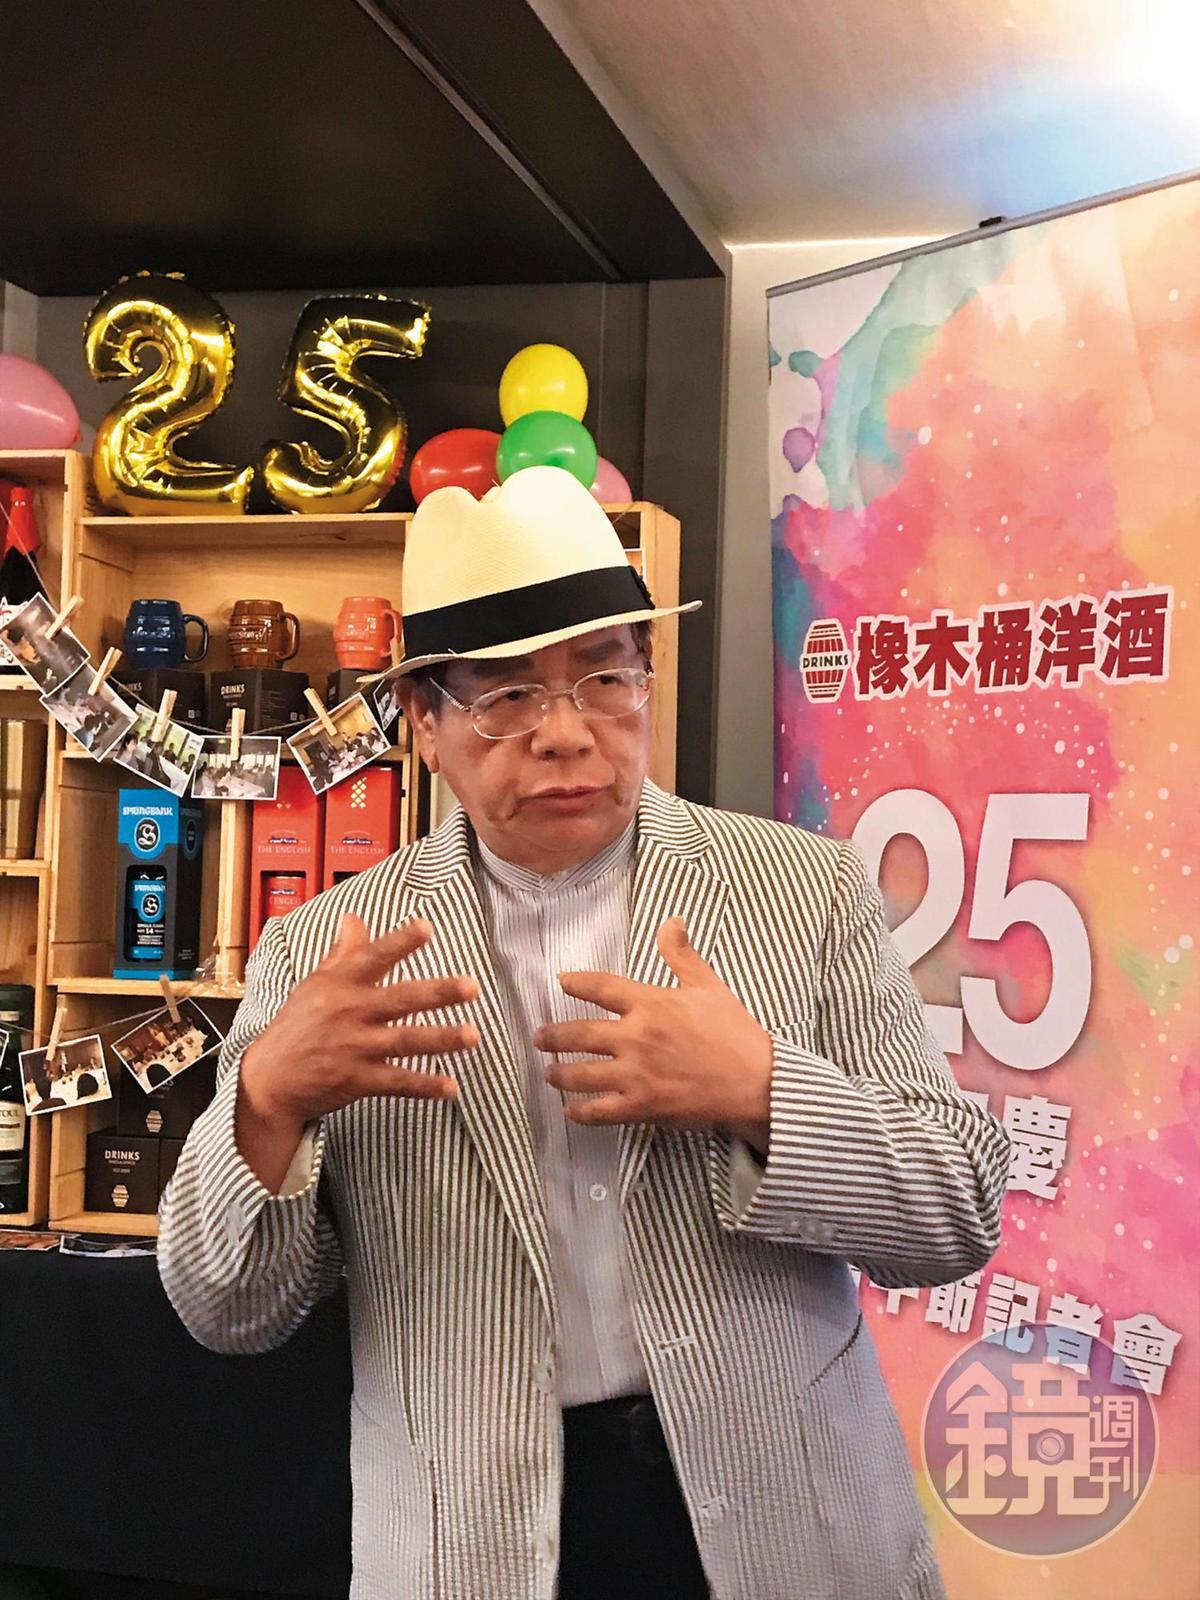 國內酒類門市霸主橡木桶洋酒董事長陳春安,帶領企業走過1/4世紀,依然活力十足、點子不斷,他還精通高爾夫與音樂,懂得品味人生。